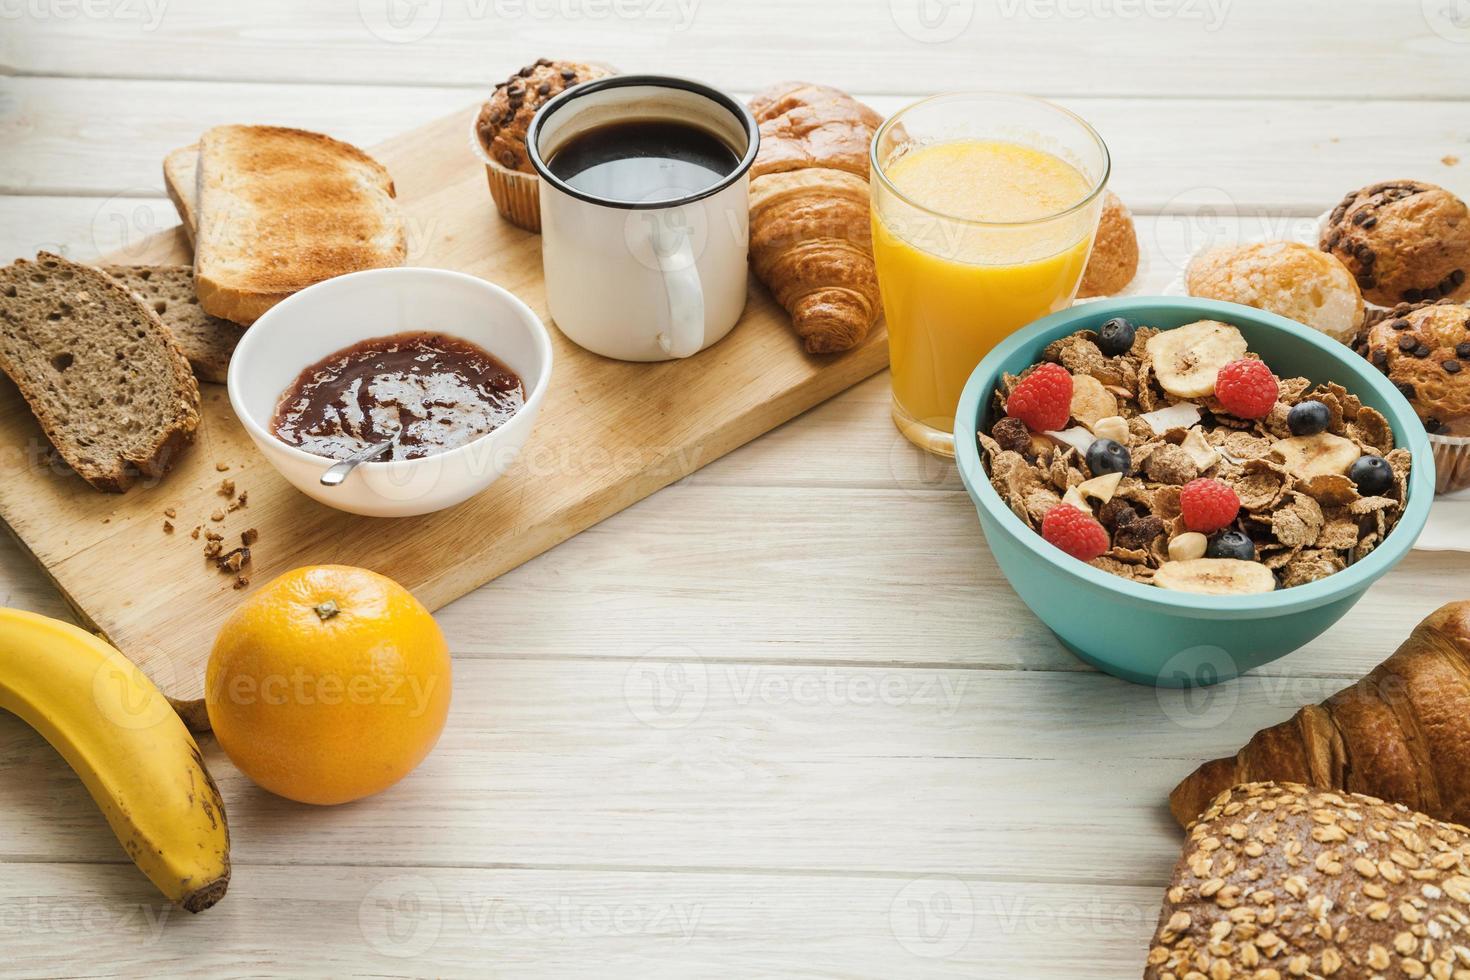 pasteles y diferentes alimentos para el desayuno. foto